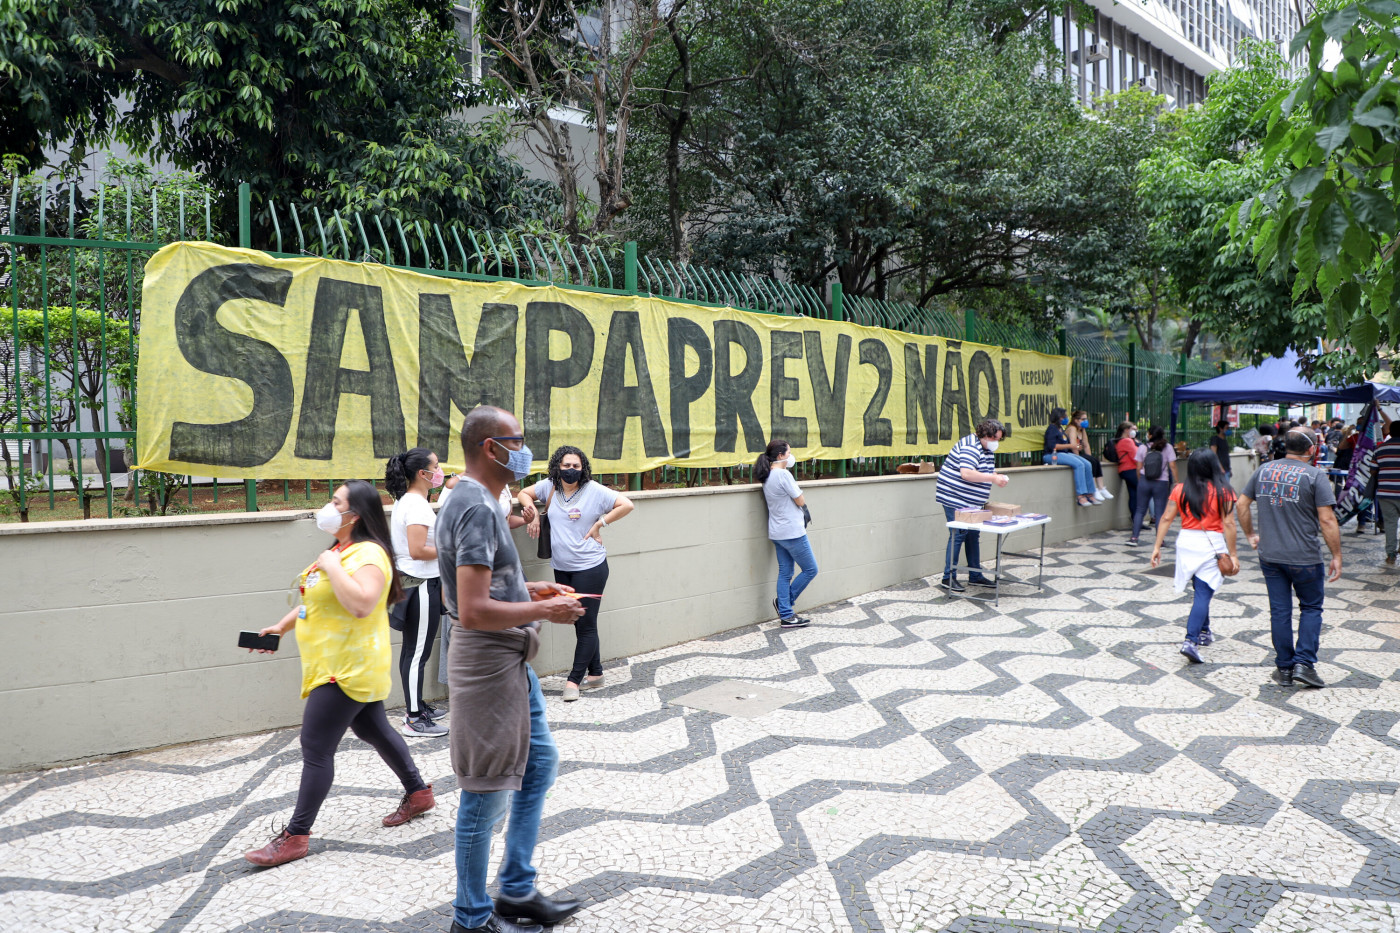 Servidores públicos municipais de São Paulo se manifestam contra a reforma da previdência municipal, denominada Sampaprev 2